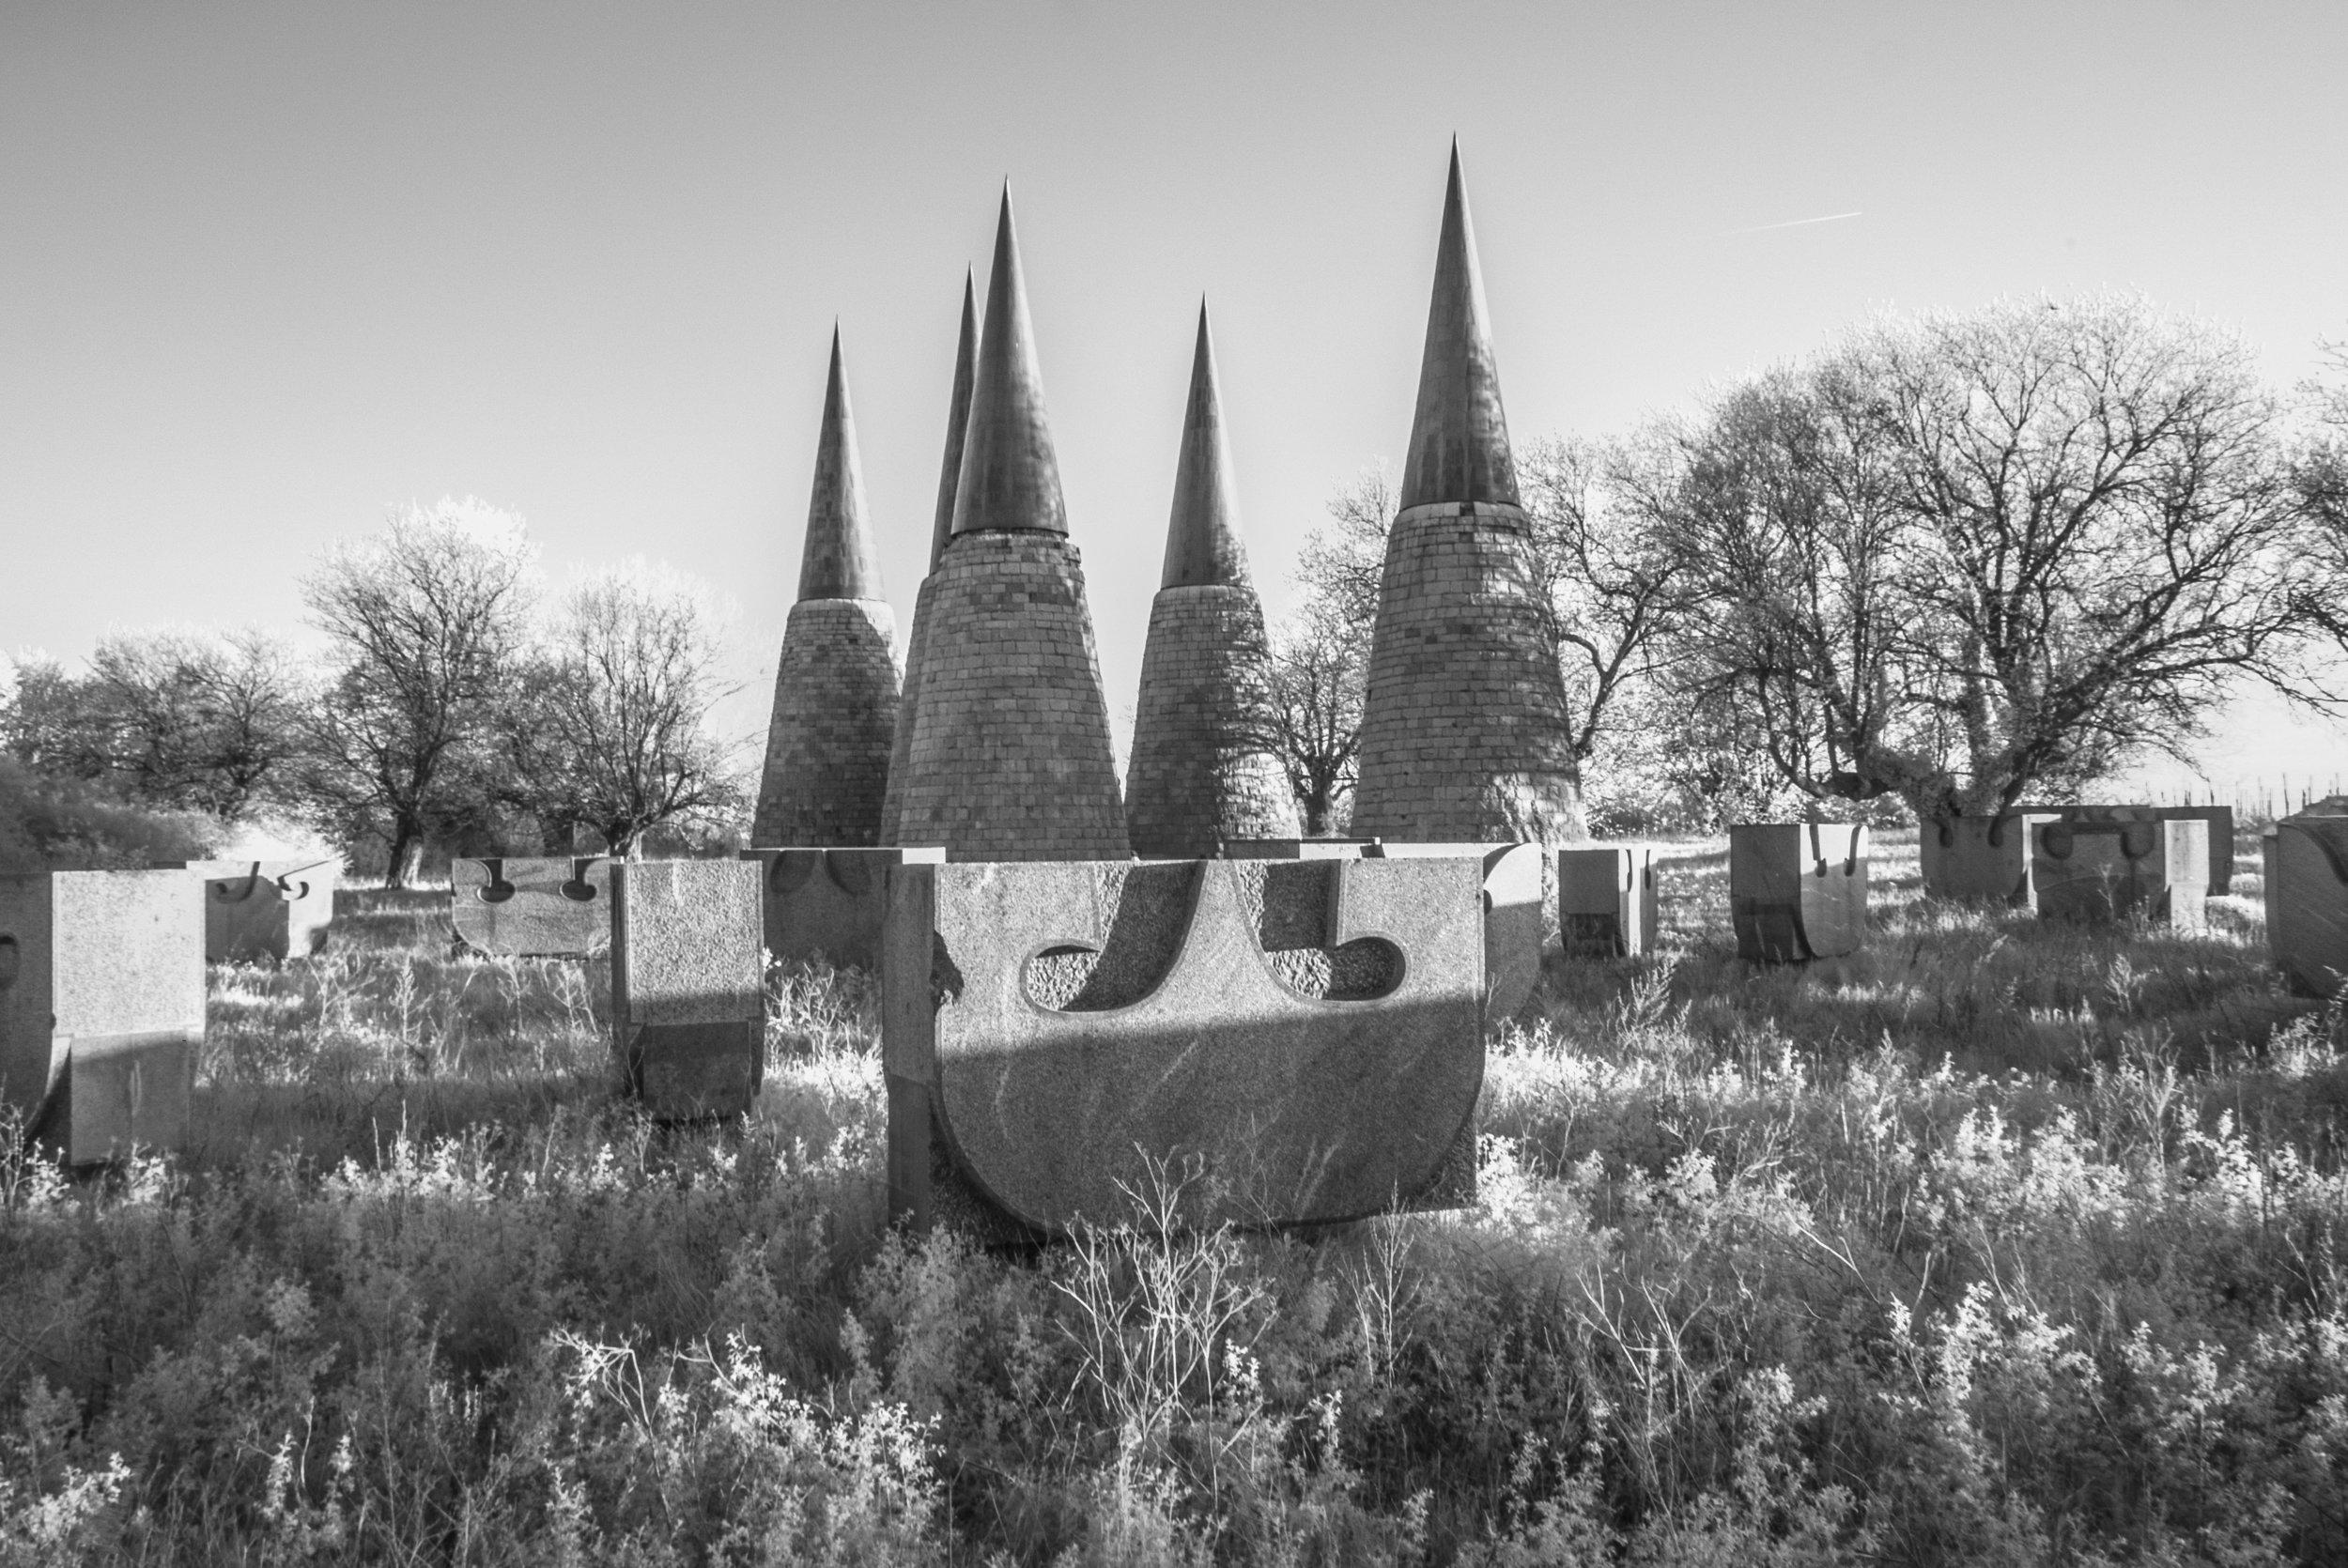 13_Vukovar_Memorial_564.jpg